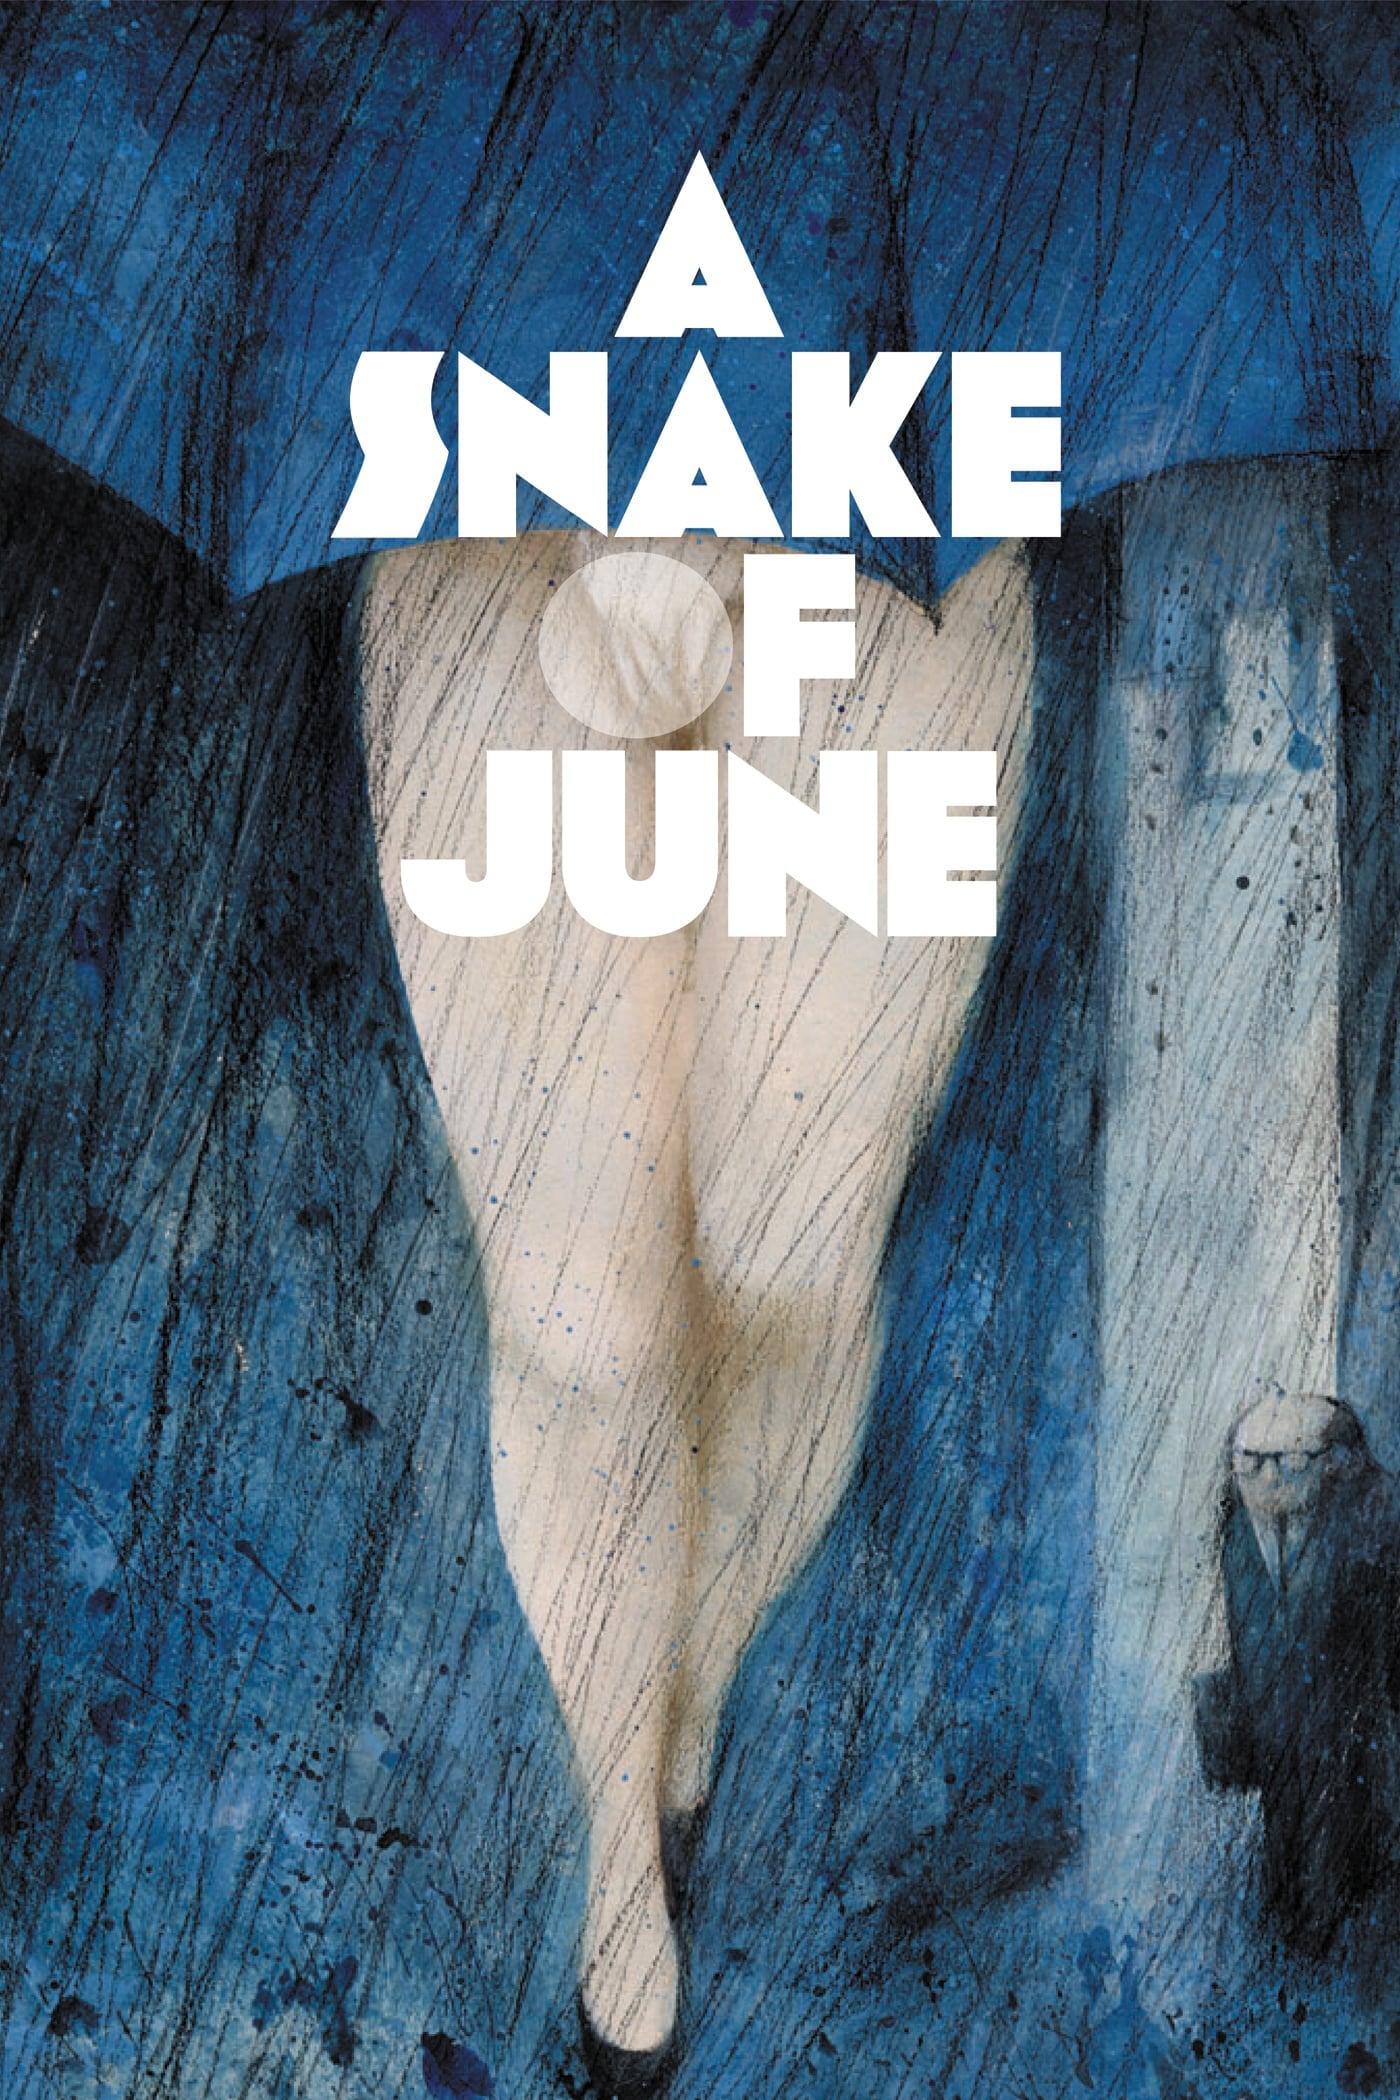 Serpentes de Junho